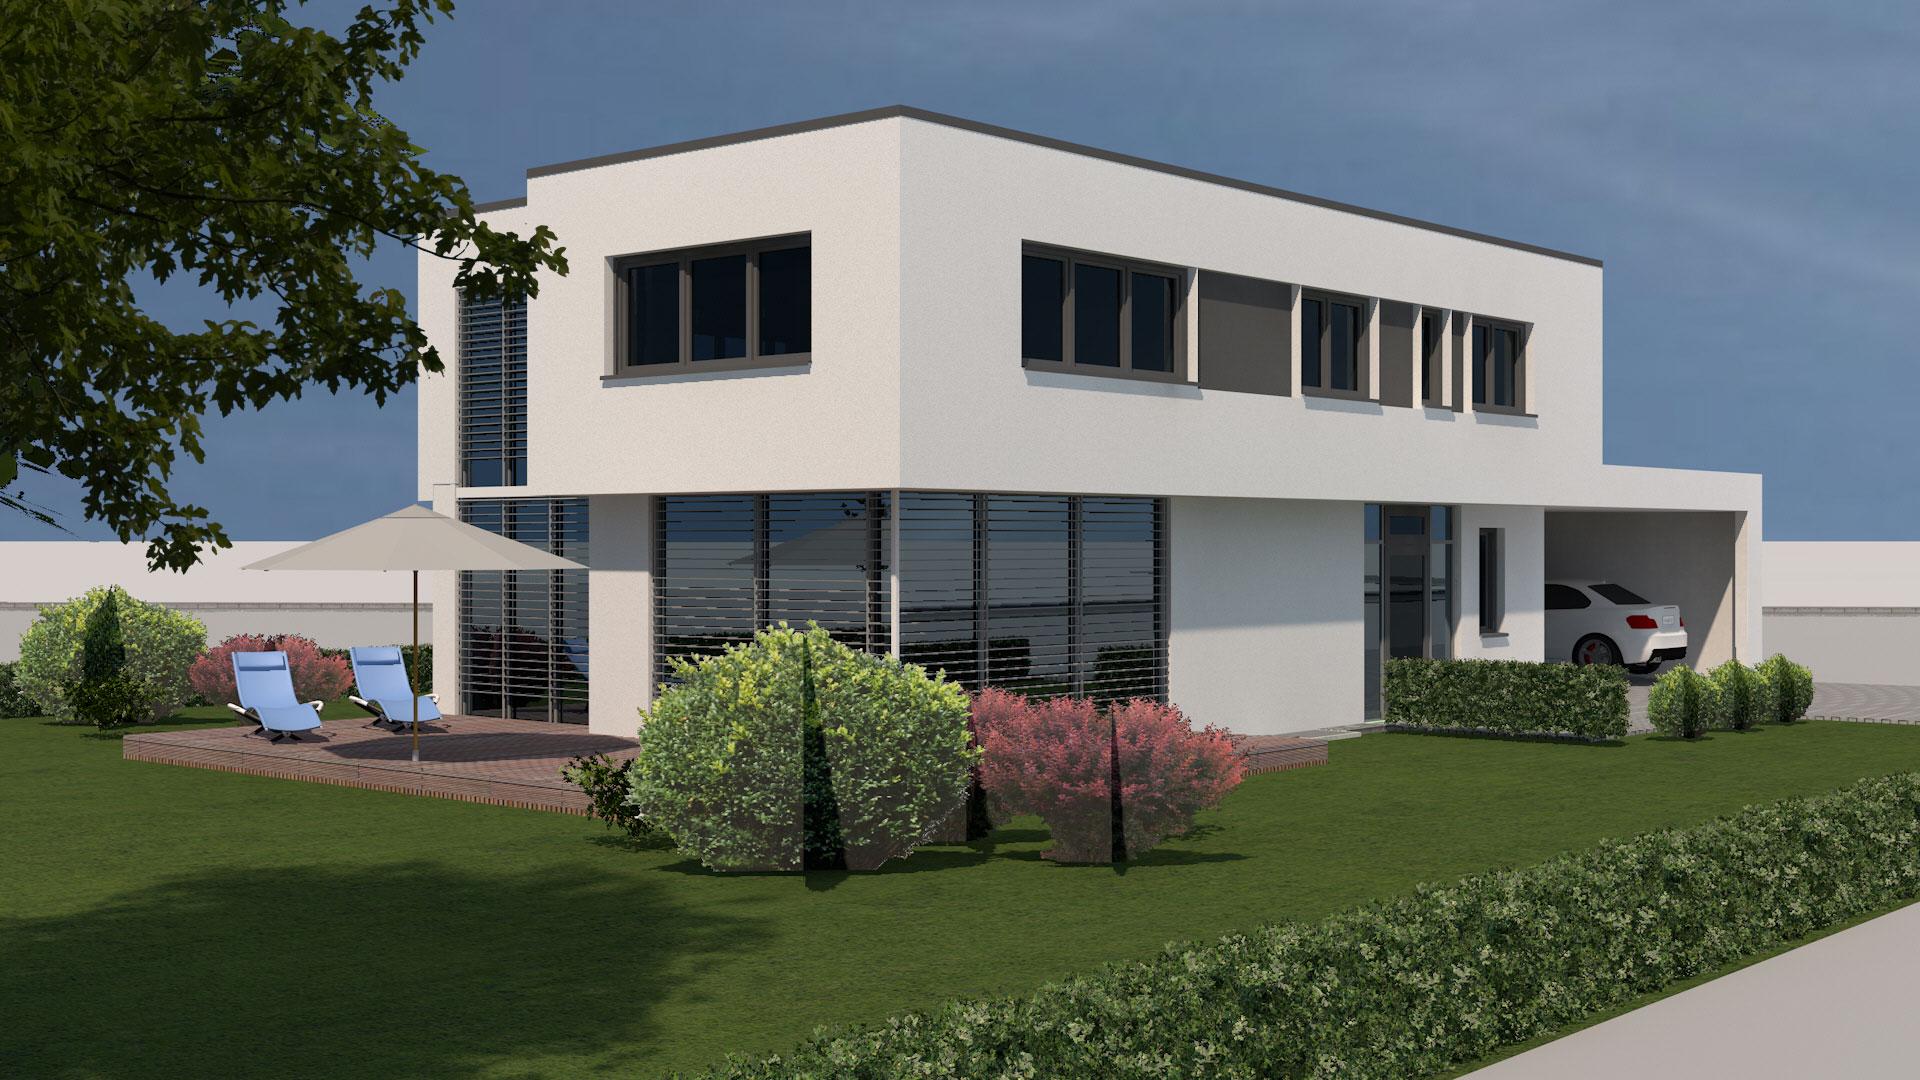 neubau modernes flachdachhaus mit carport in wei enburg